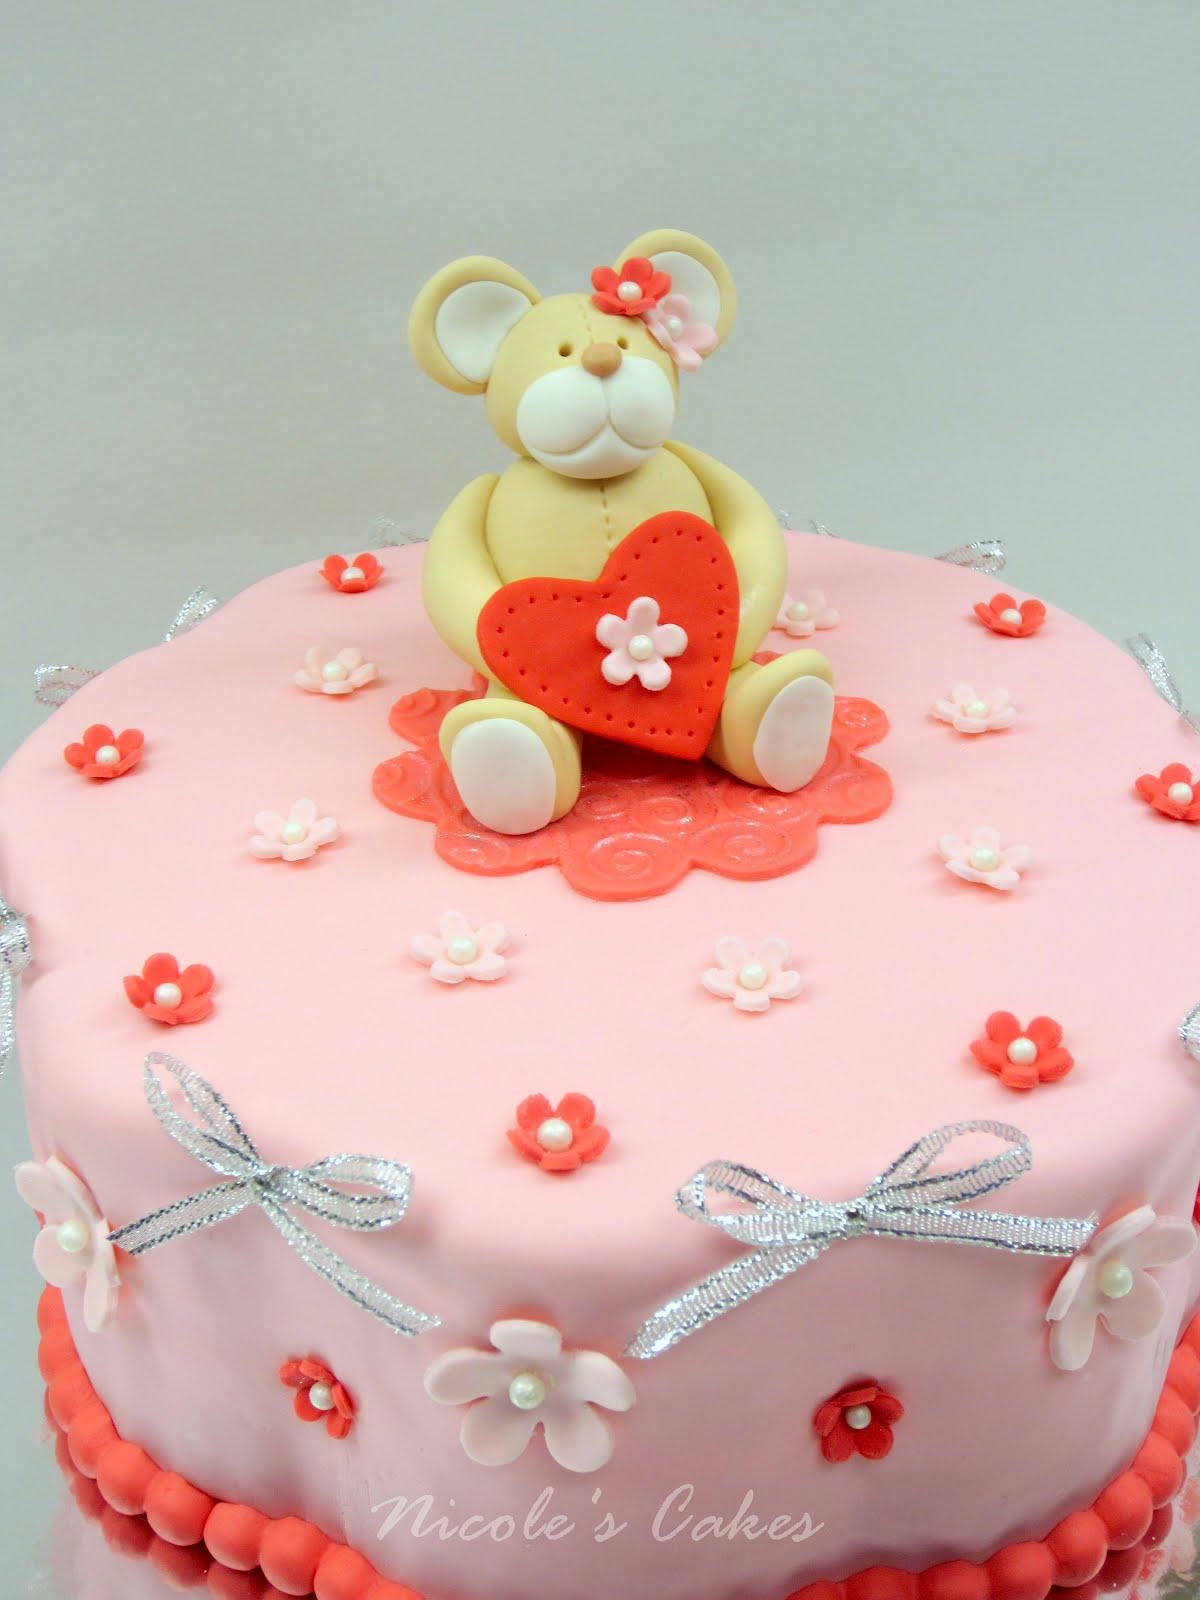 Valentine Birthday Cakes On birthday cakes : a valentines birthday ...